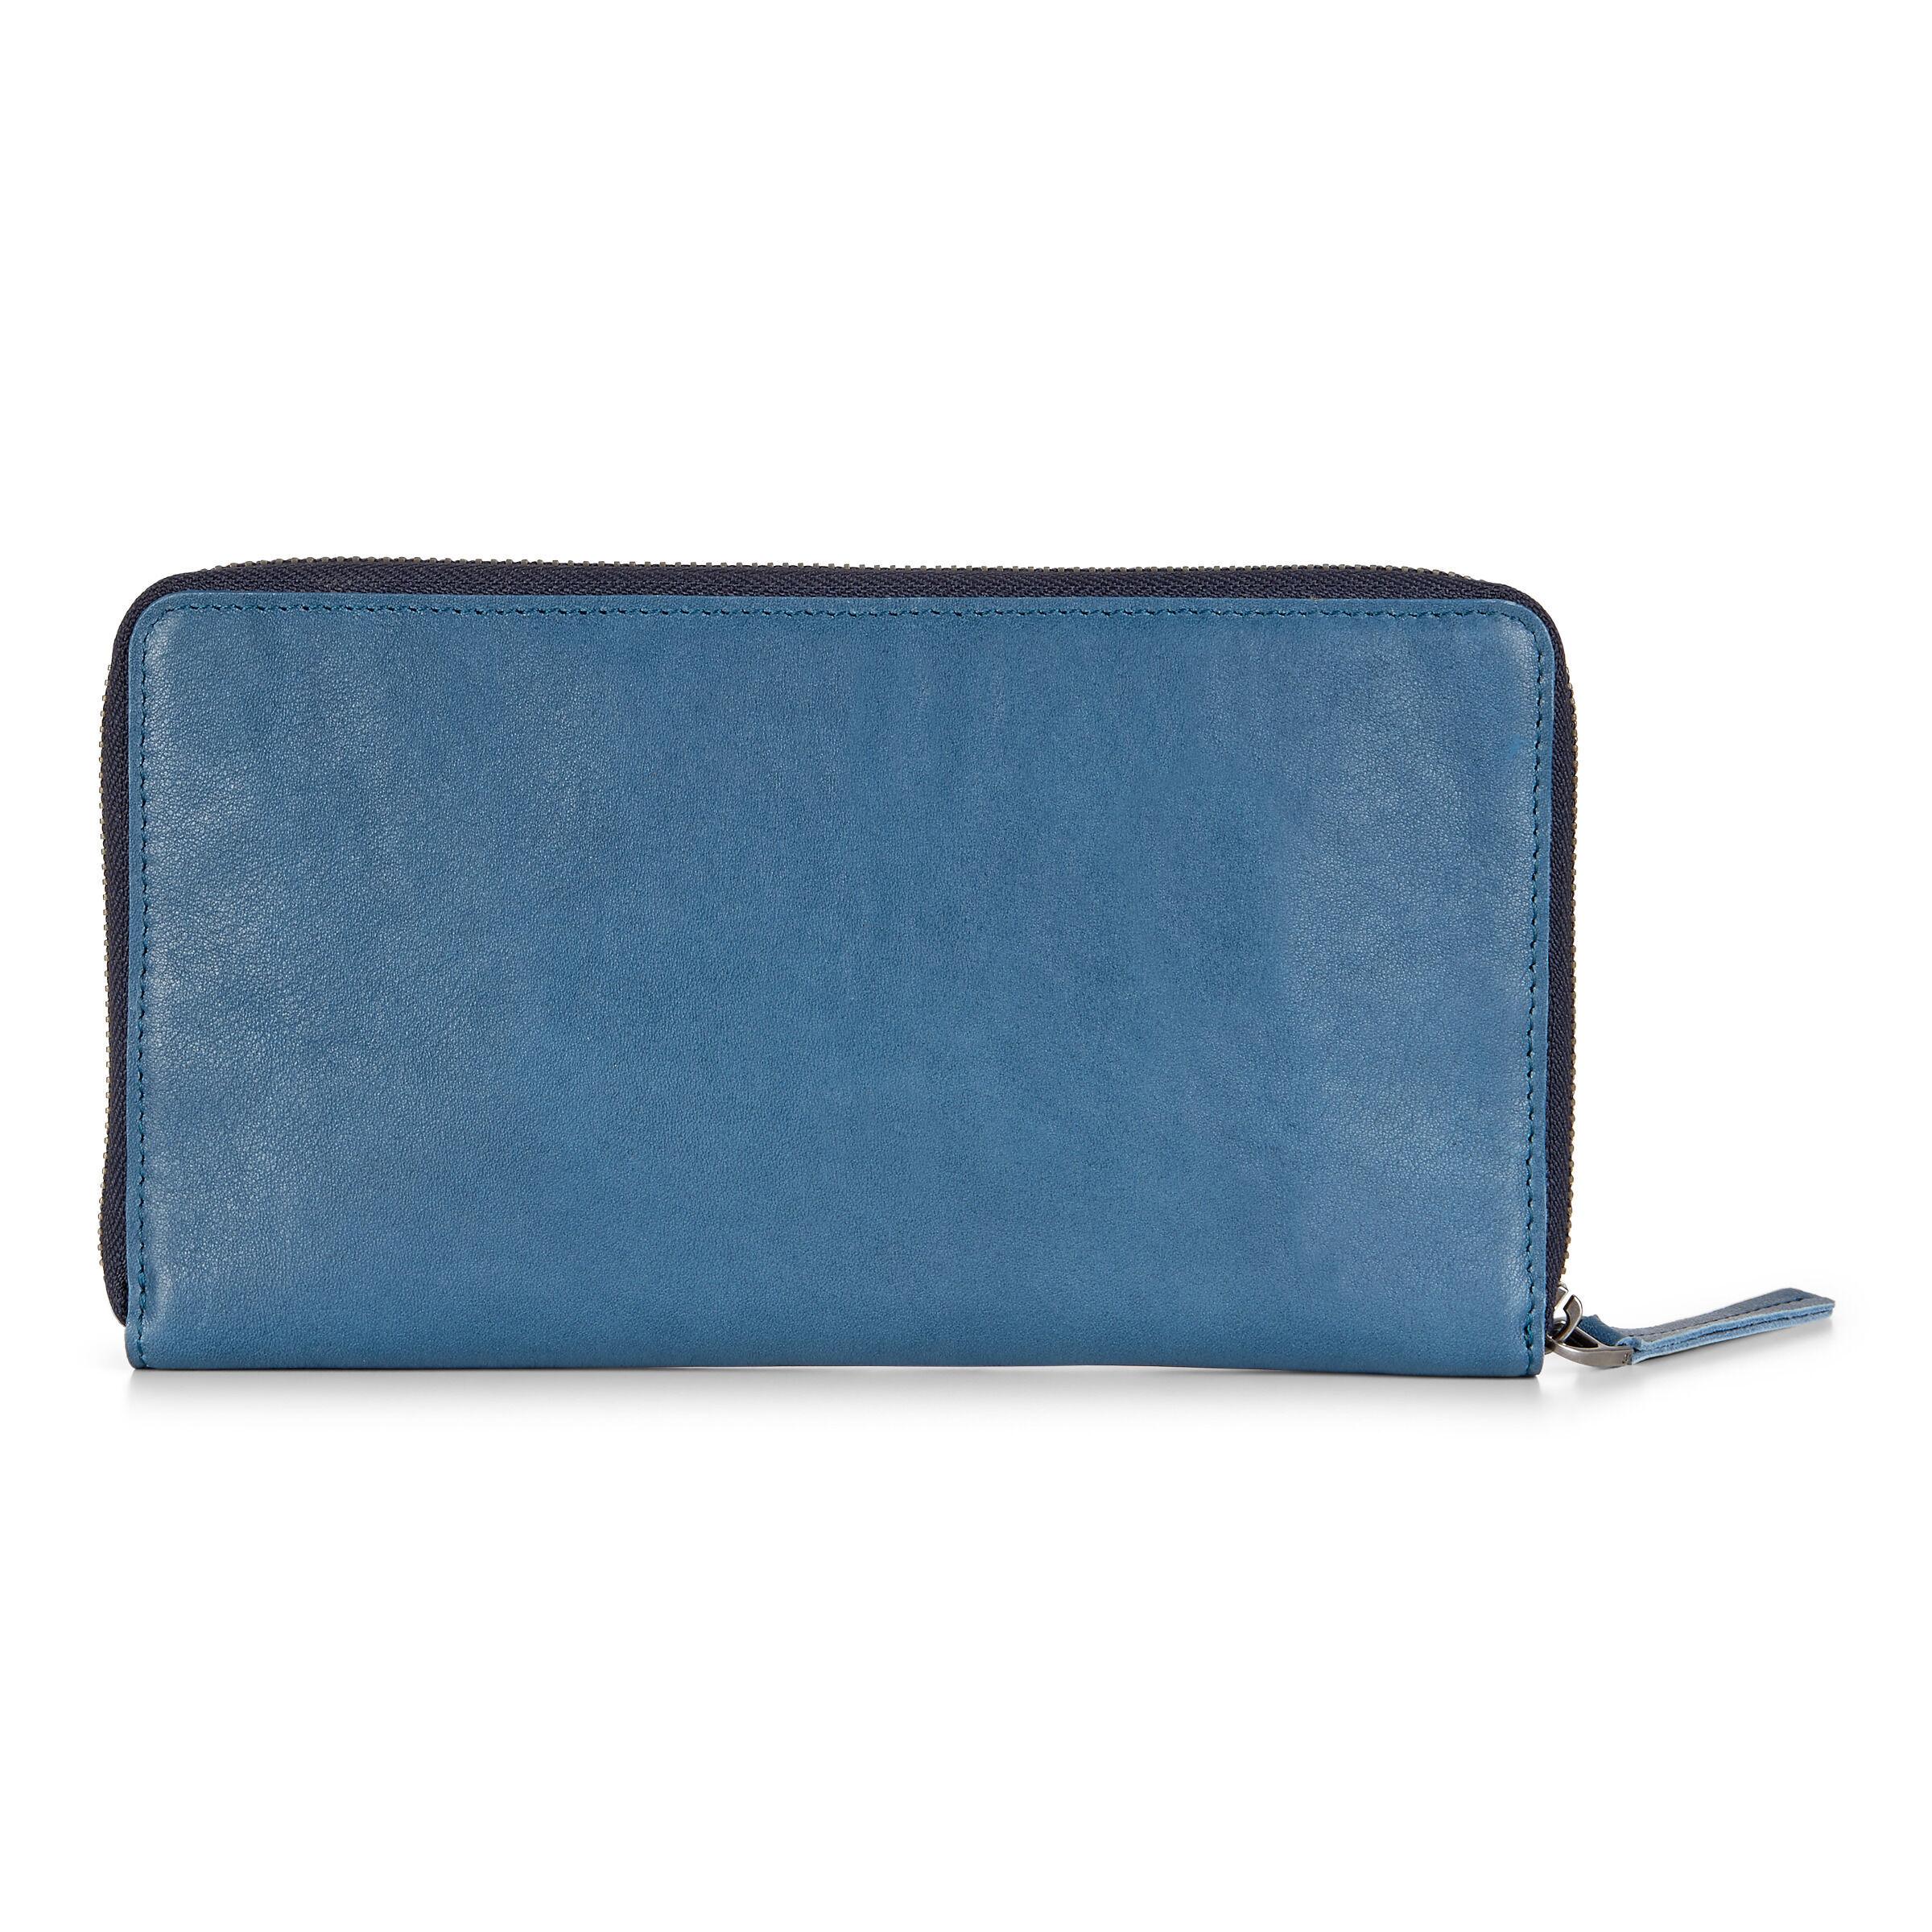 ECCO Casper Travel Wallet: One Size - Retro Blue